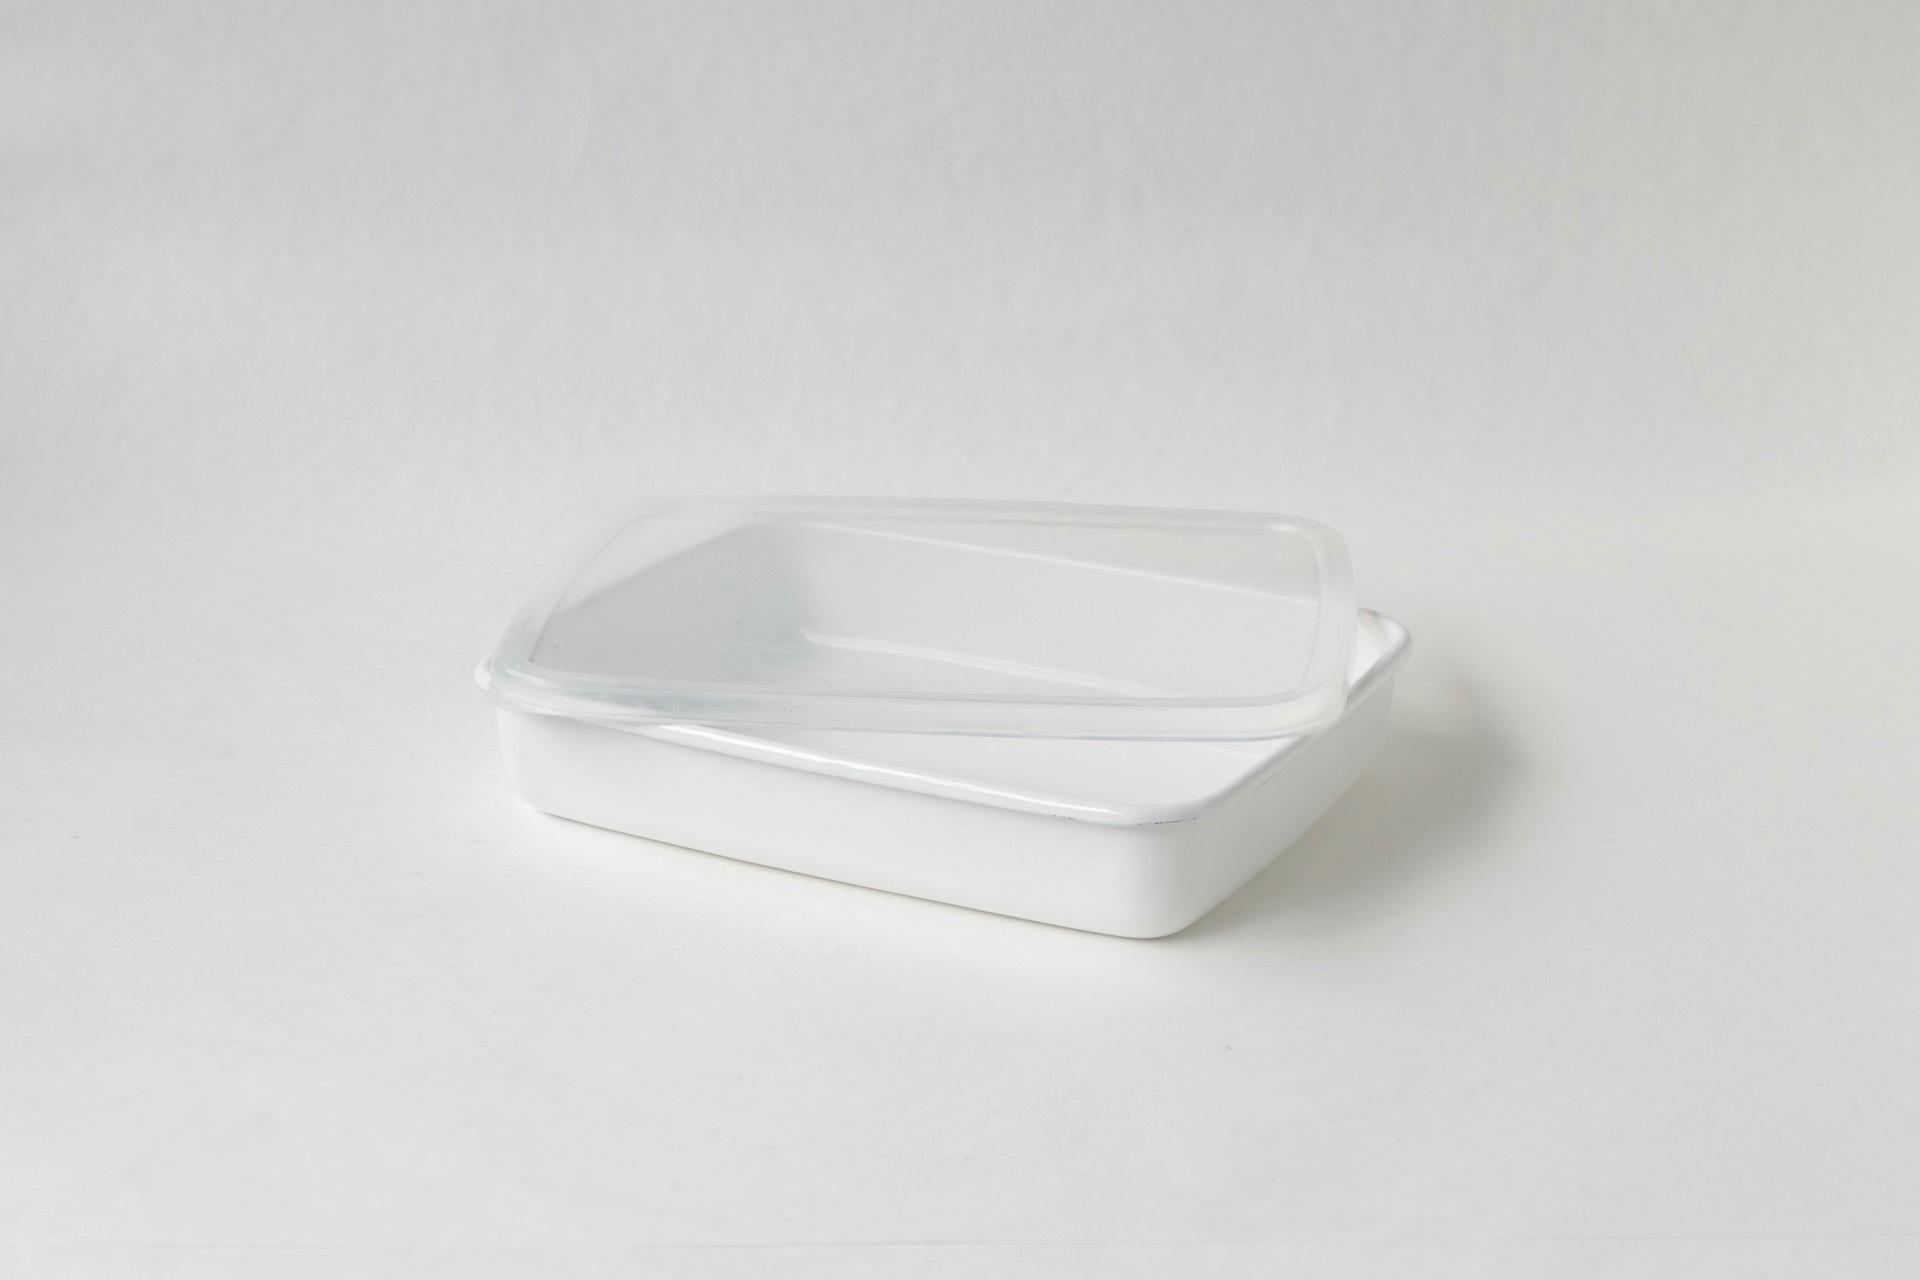 野田琺瑯 レクタングル浅型M シール蓋つき